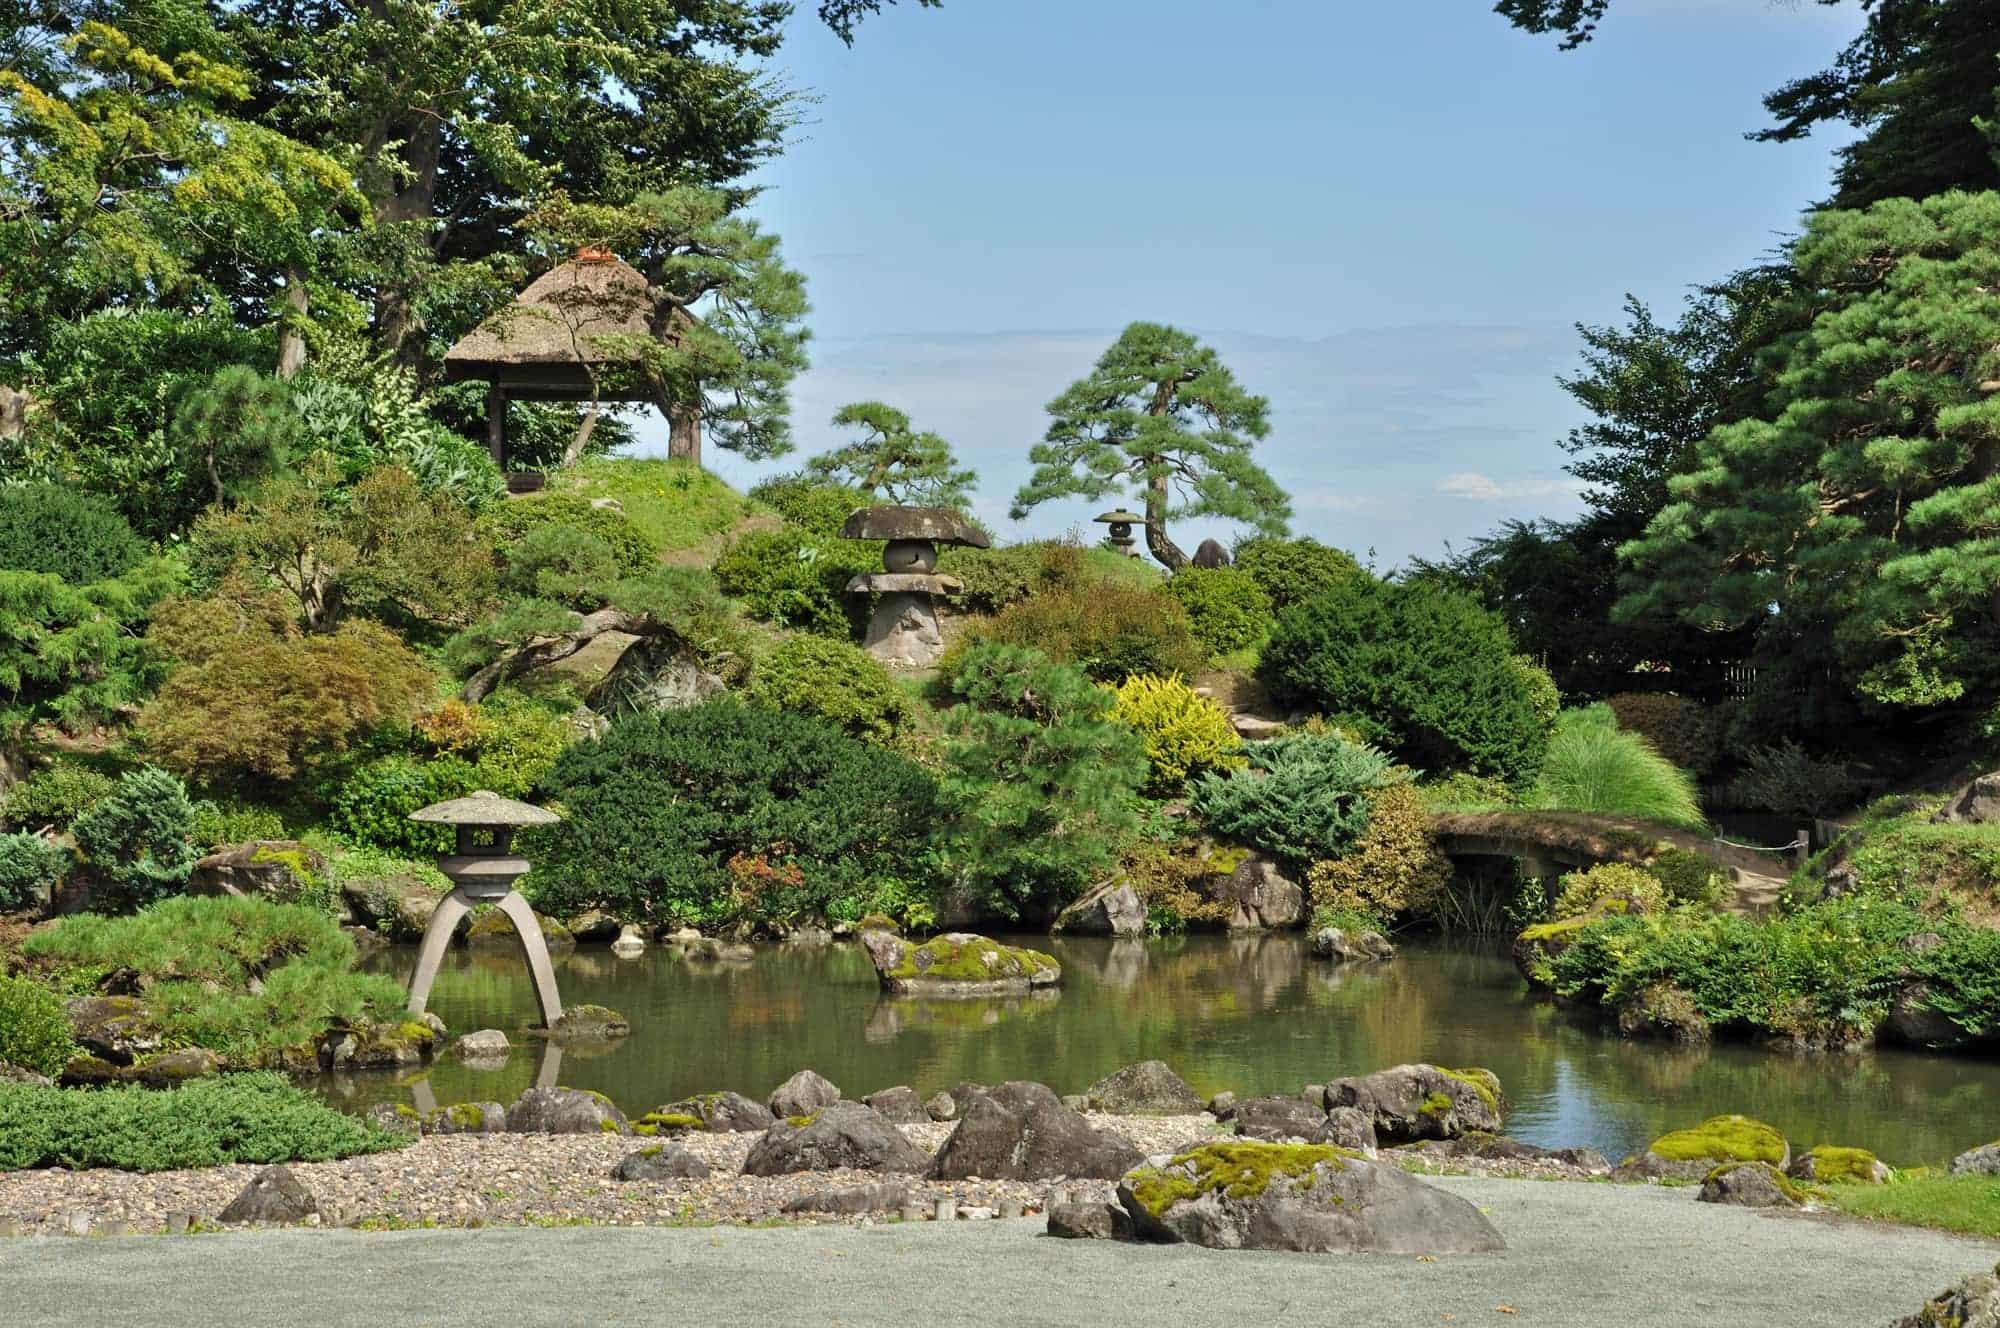 绿意盎然的盛美园中的日本庭园